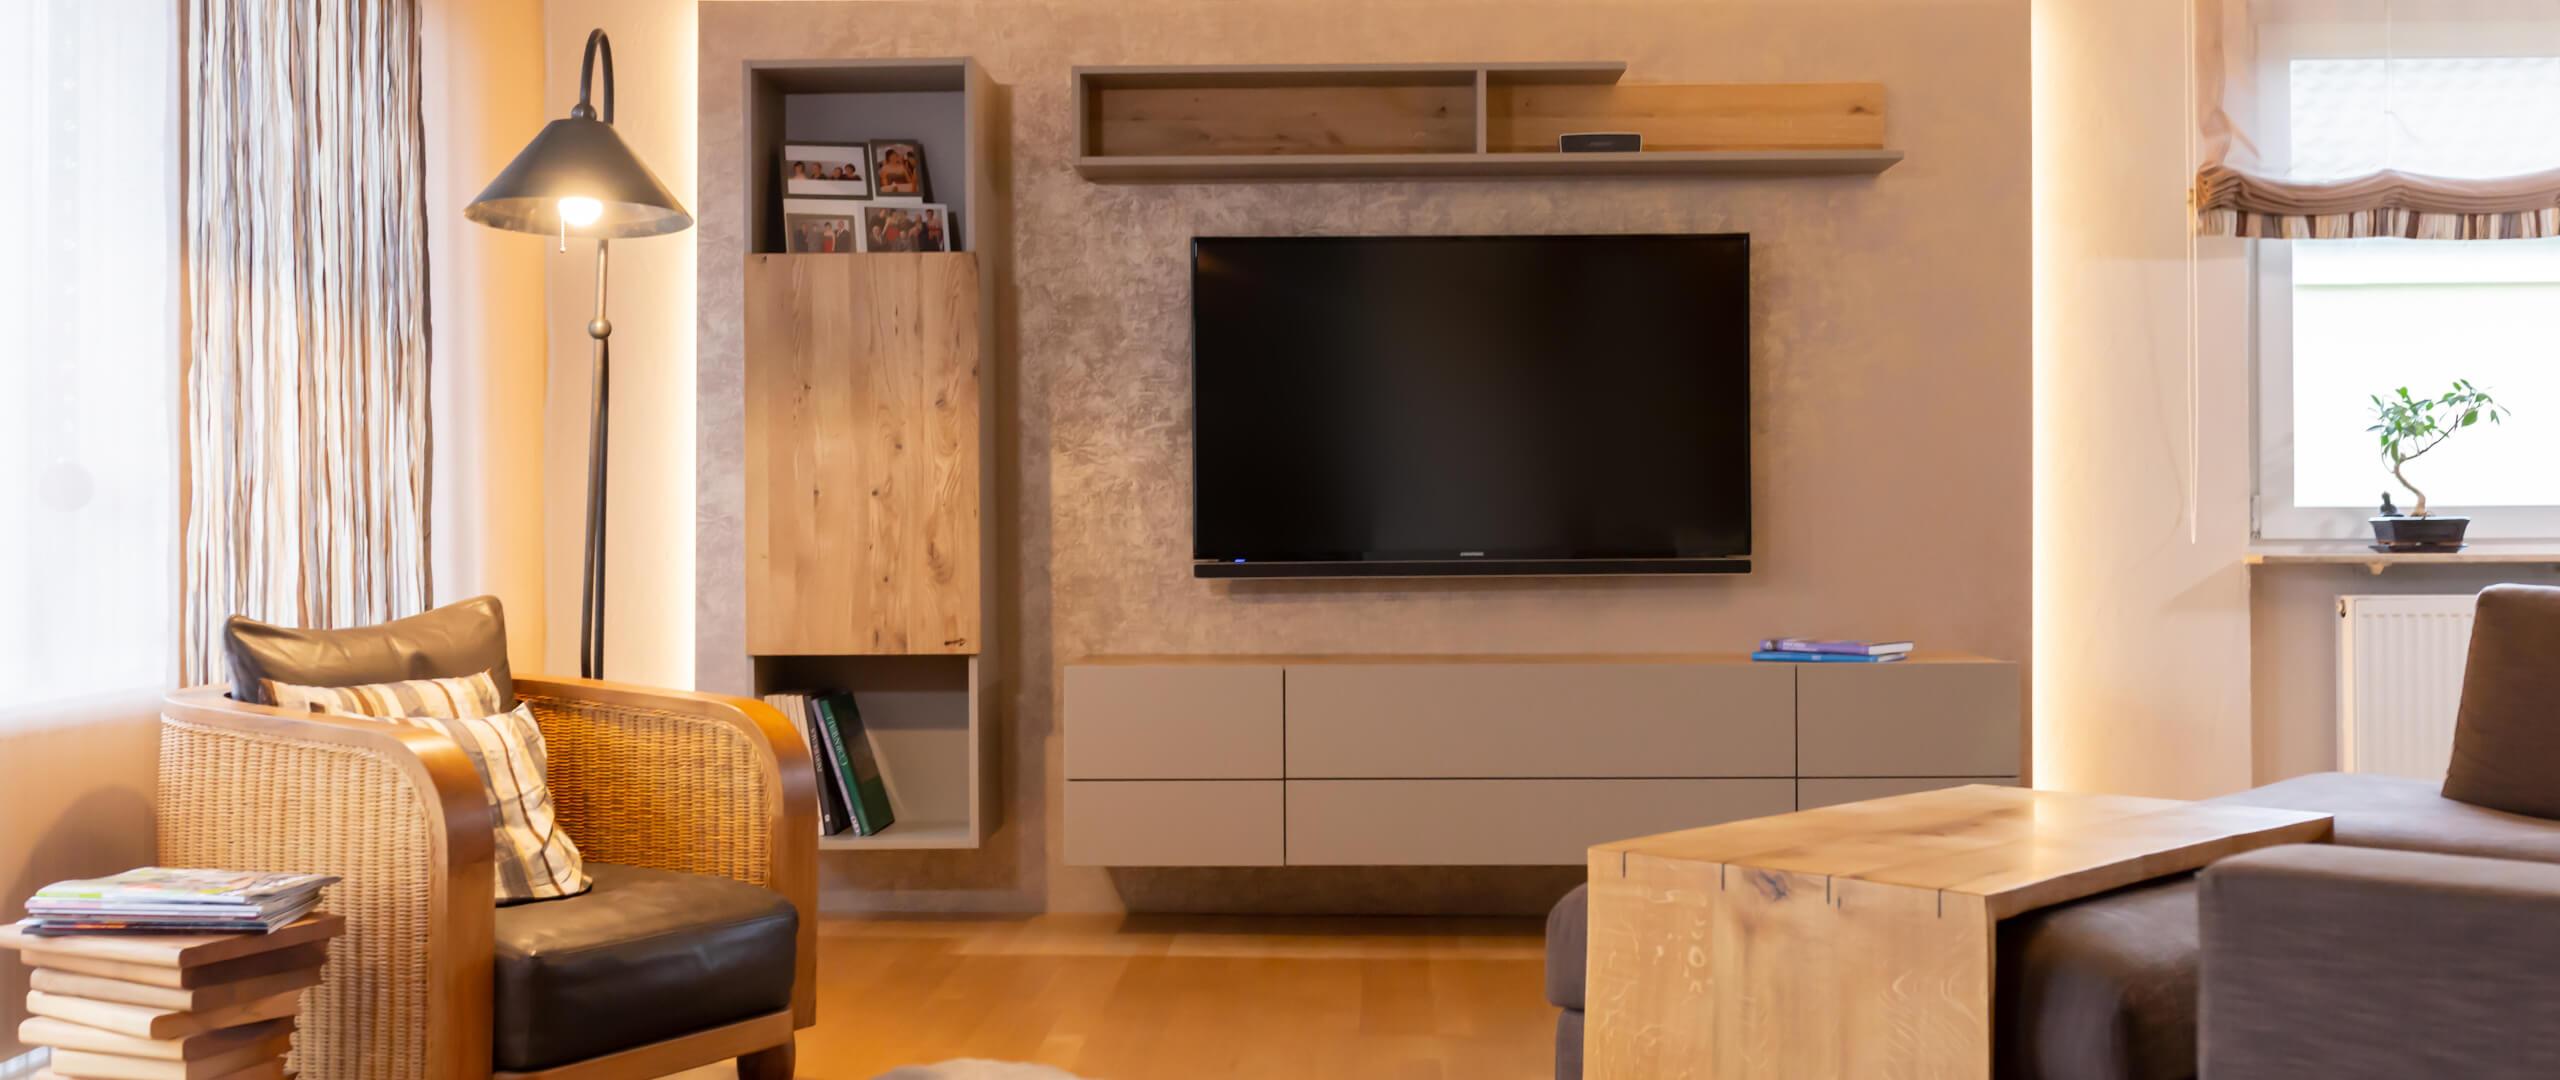 Wohnzimmer einrichten lassen | Raumausstatter | Möbelmanufaktur | Speyer